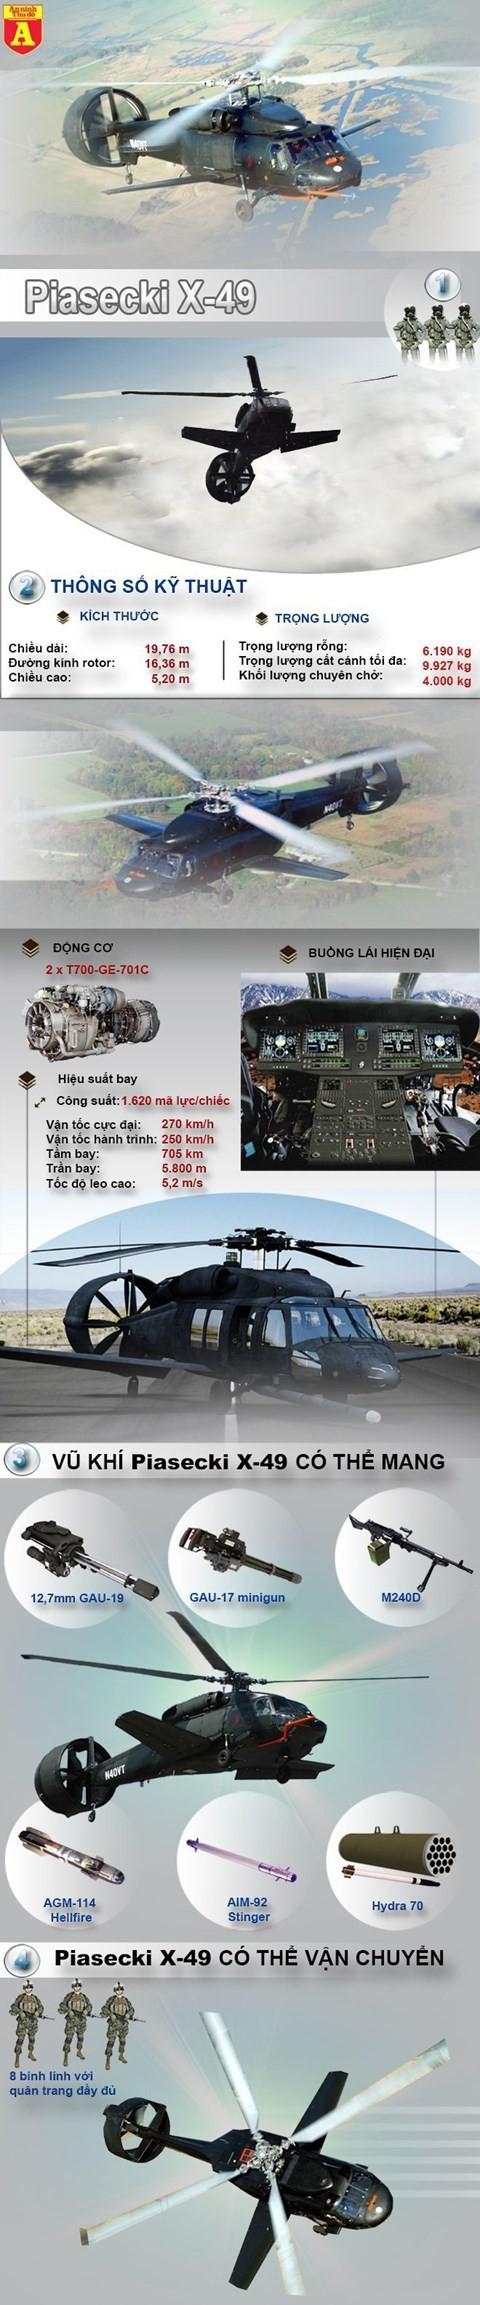 Siêu trực thăng tương lai của quân đội Mỹ ảnh 1